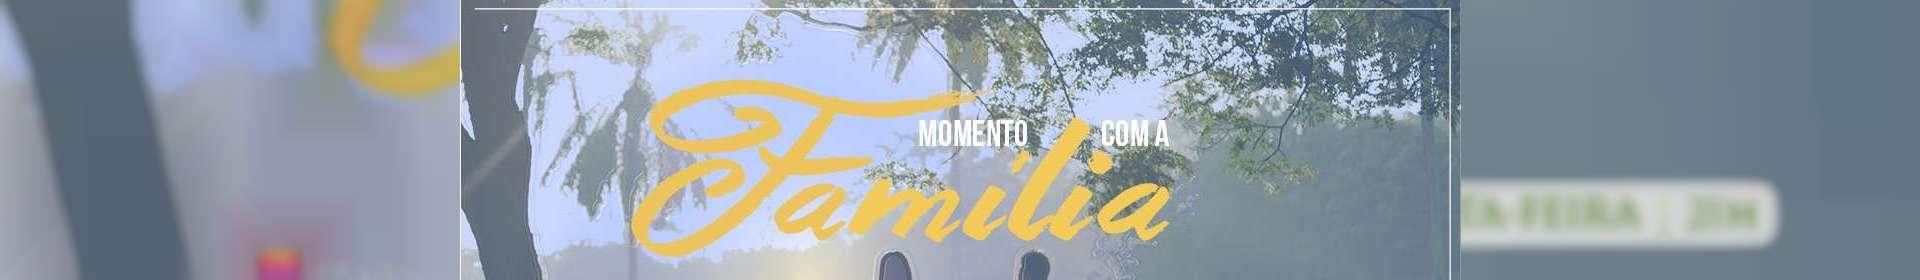 Momento com a Família - 16/08/2019